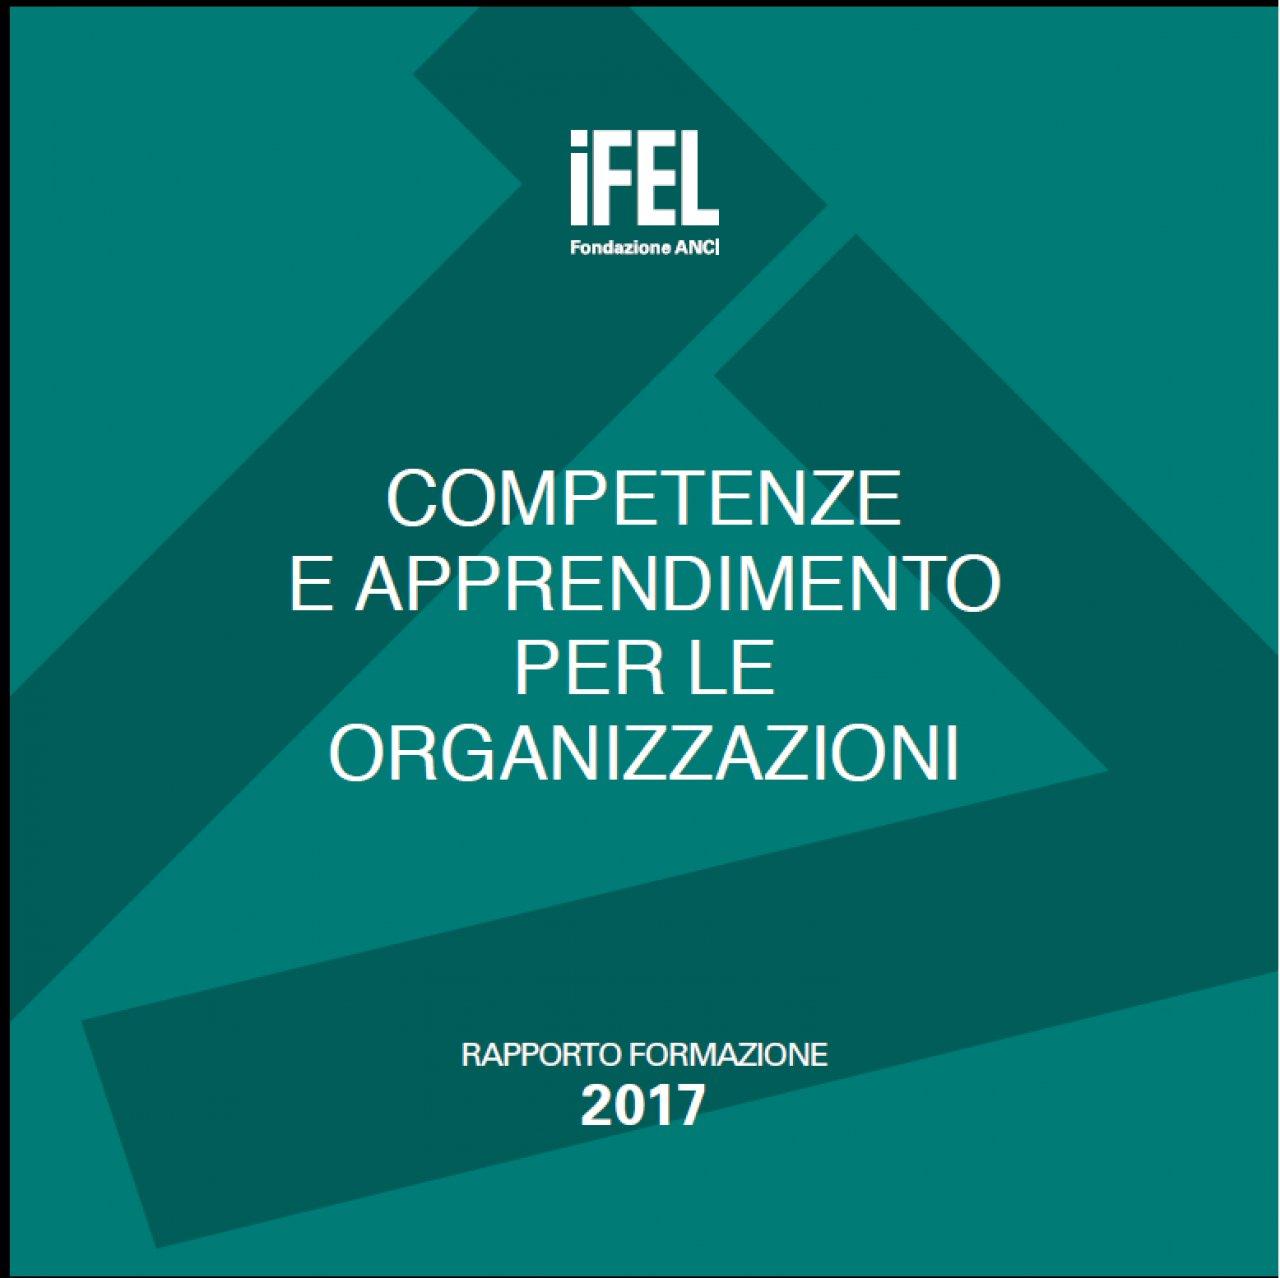 Competenze e apprendimento per le organizzazioni. Rapporto formazione 2017